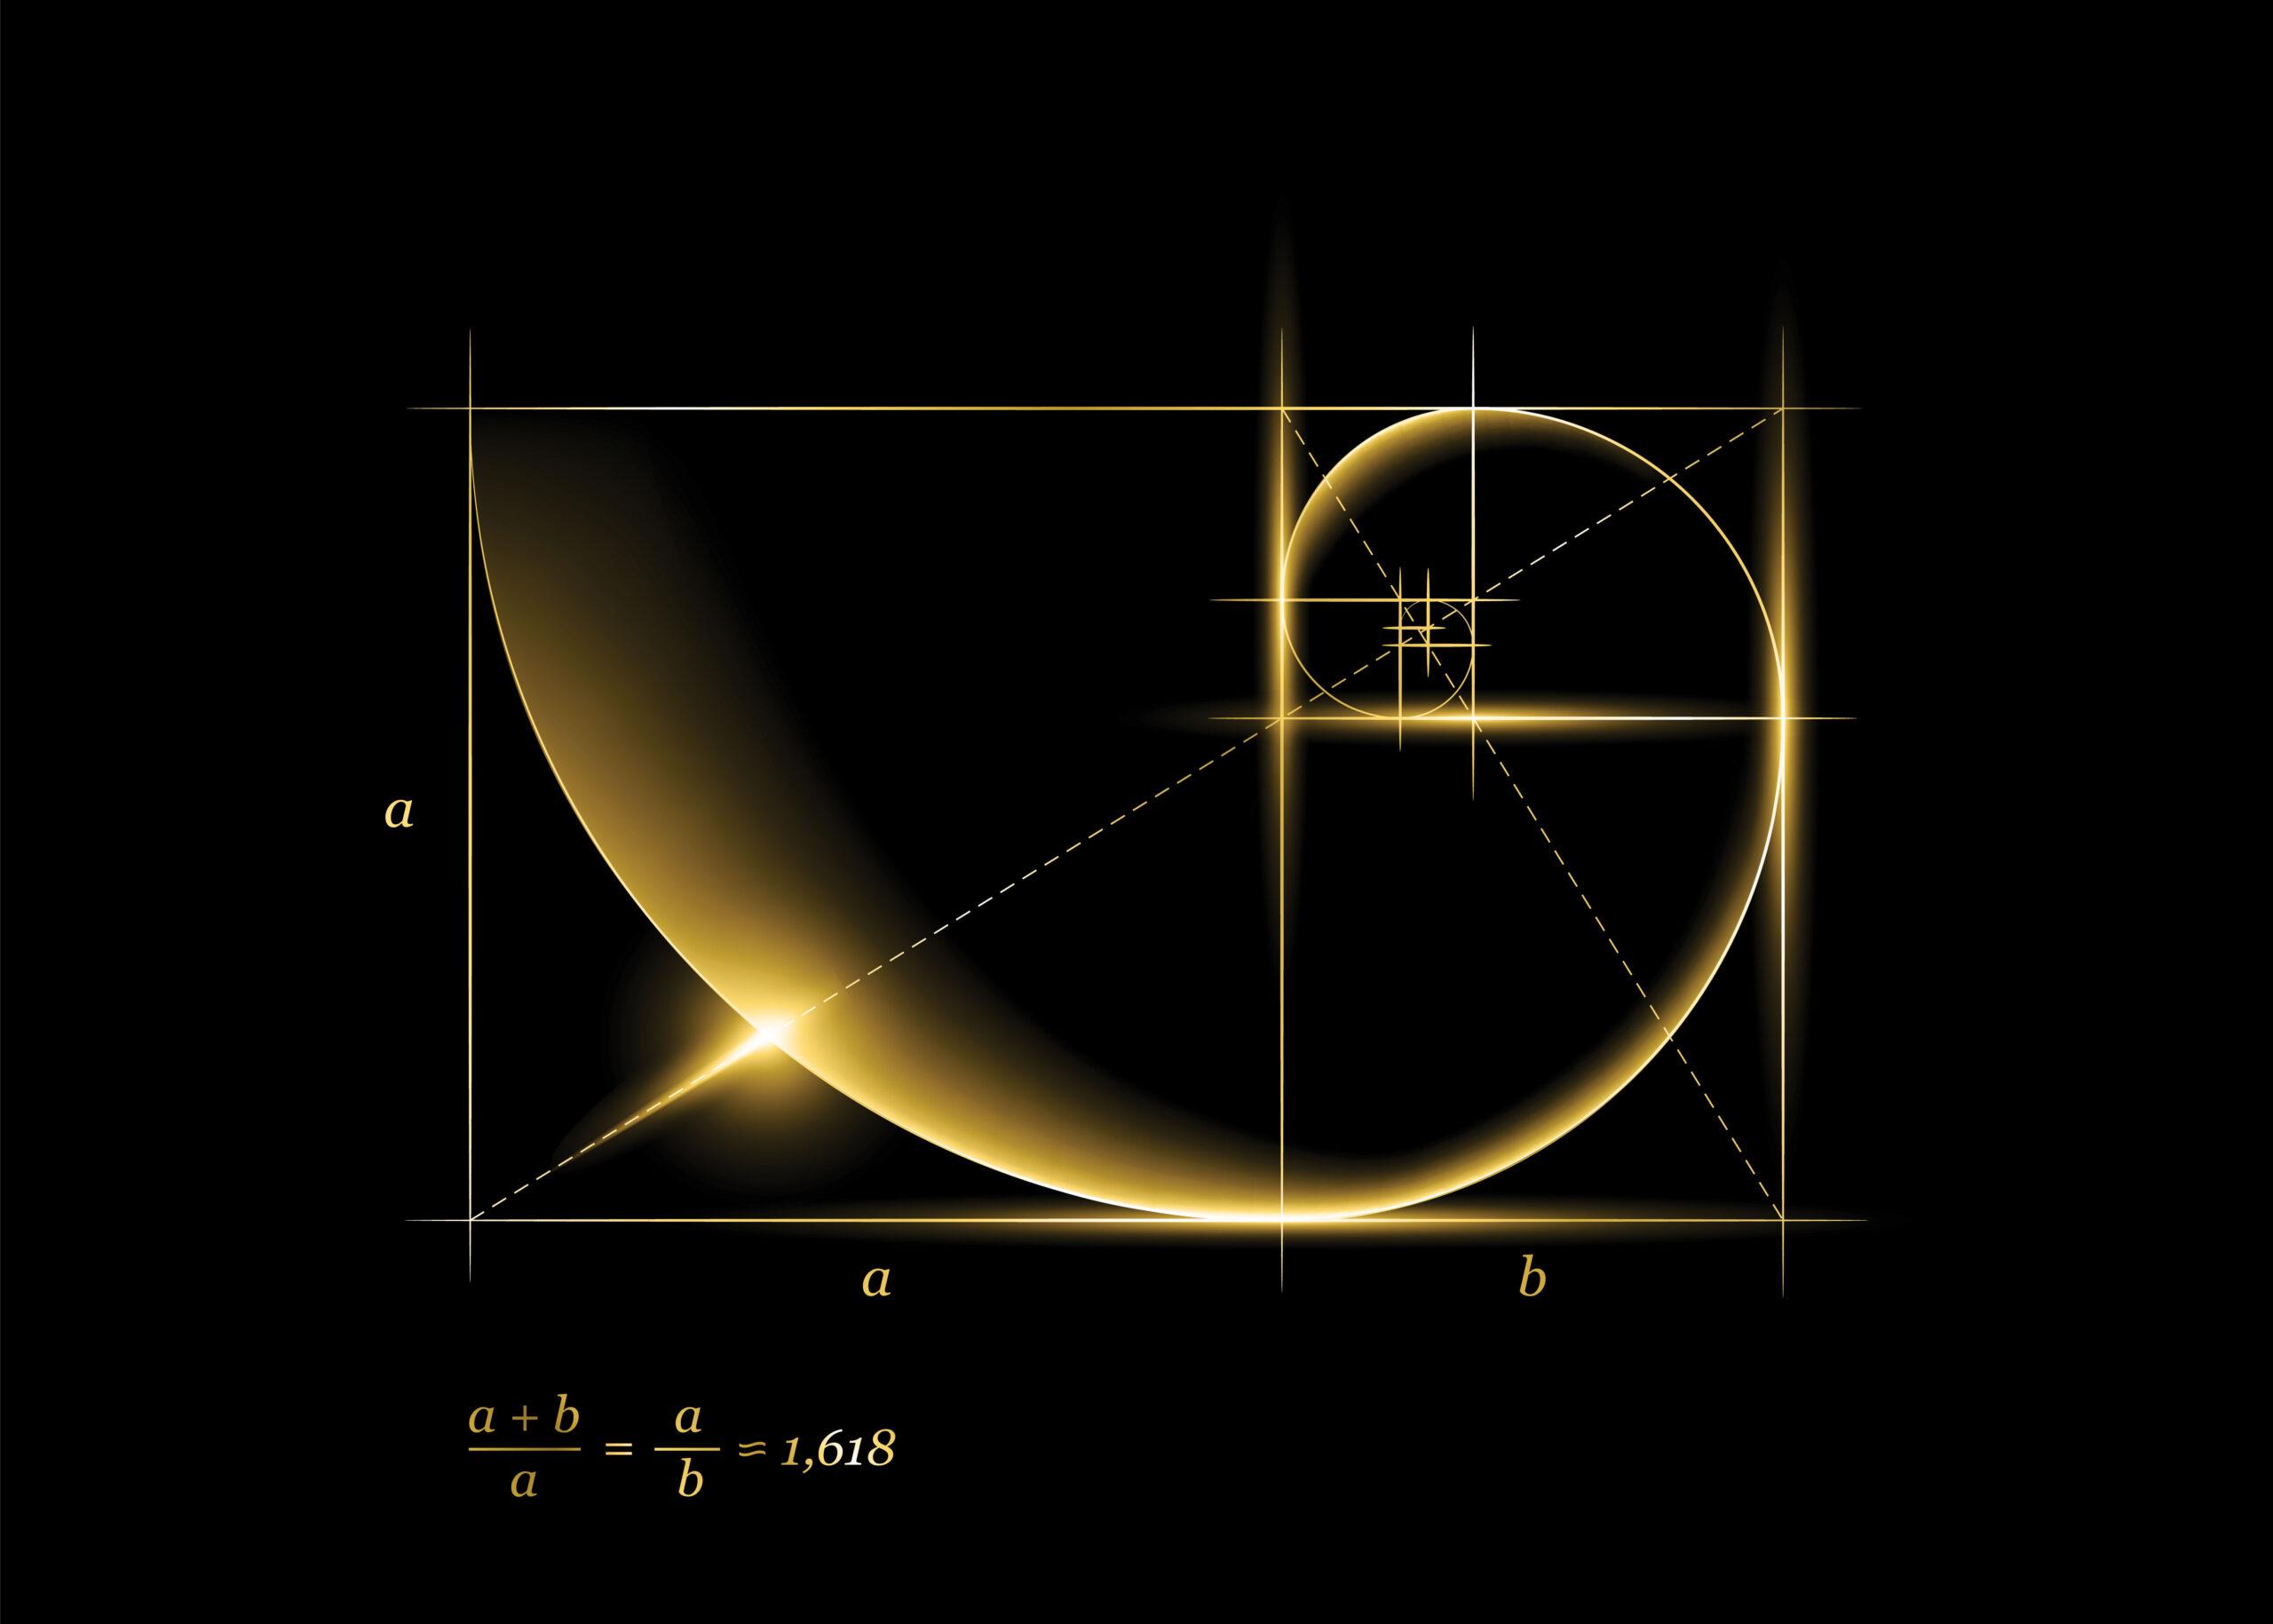 Det gylne snitt illustrasjon matematikk